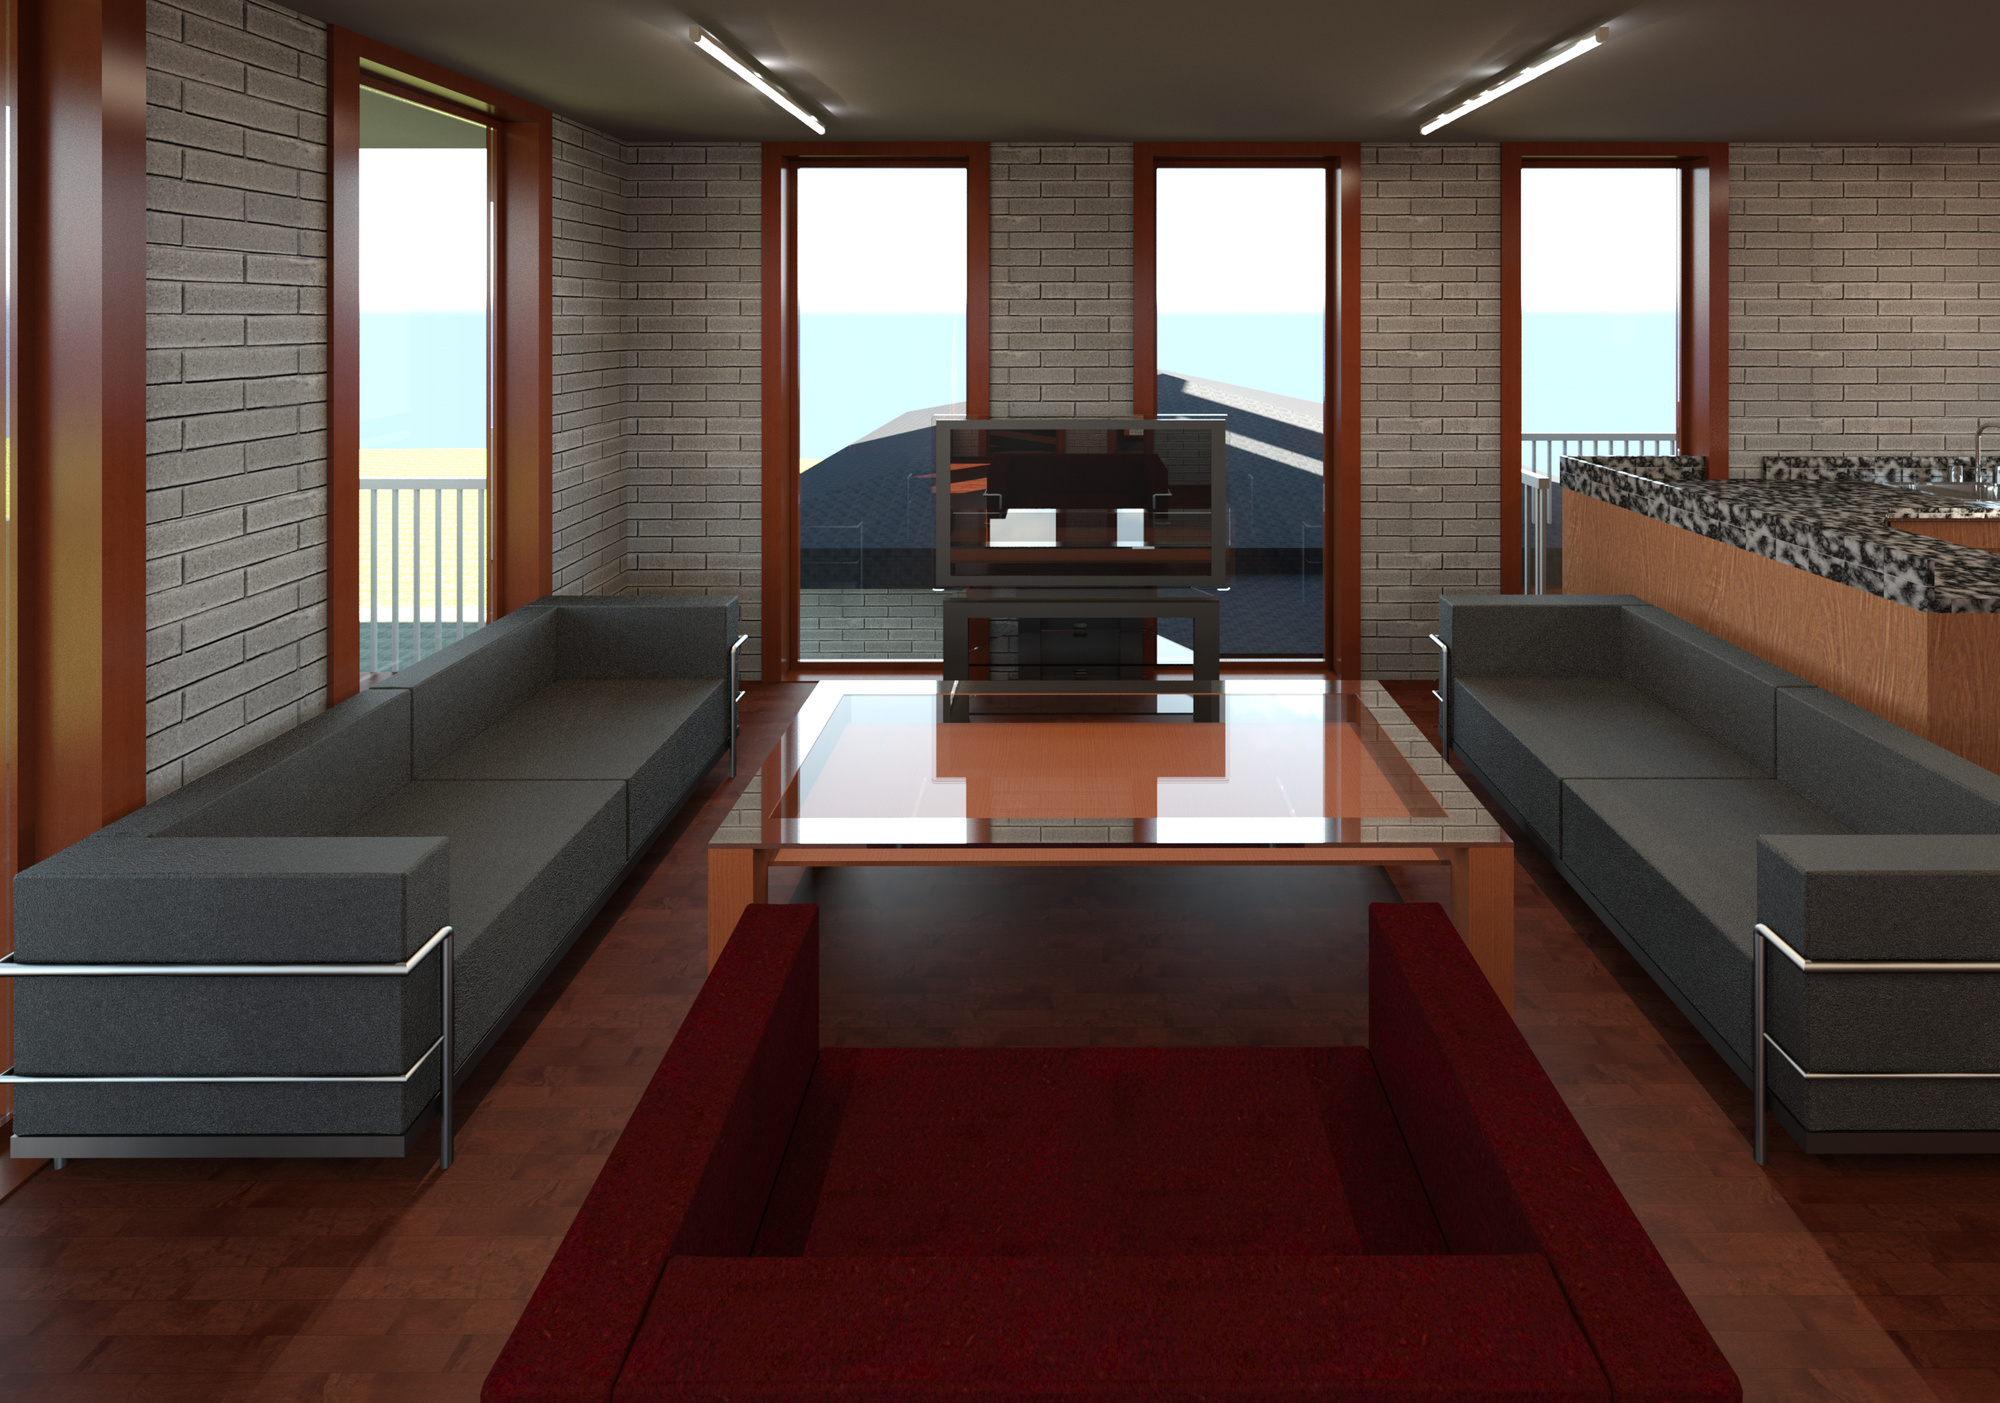 Raas-rendering20150518-8862-zc1lvr